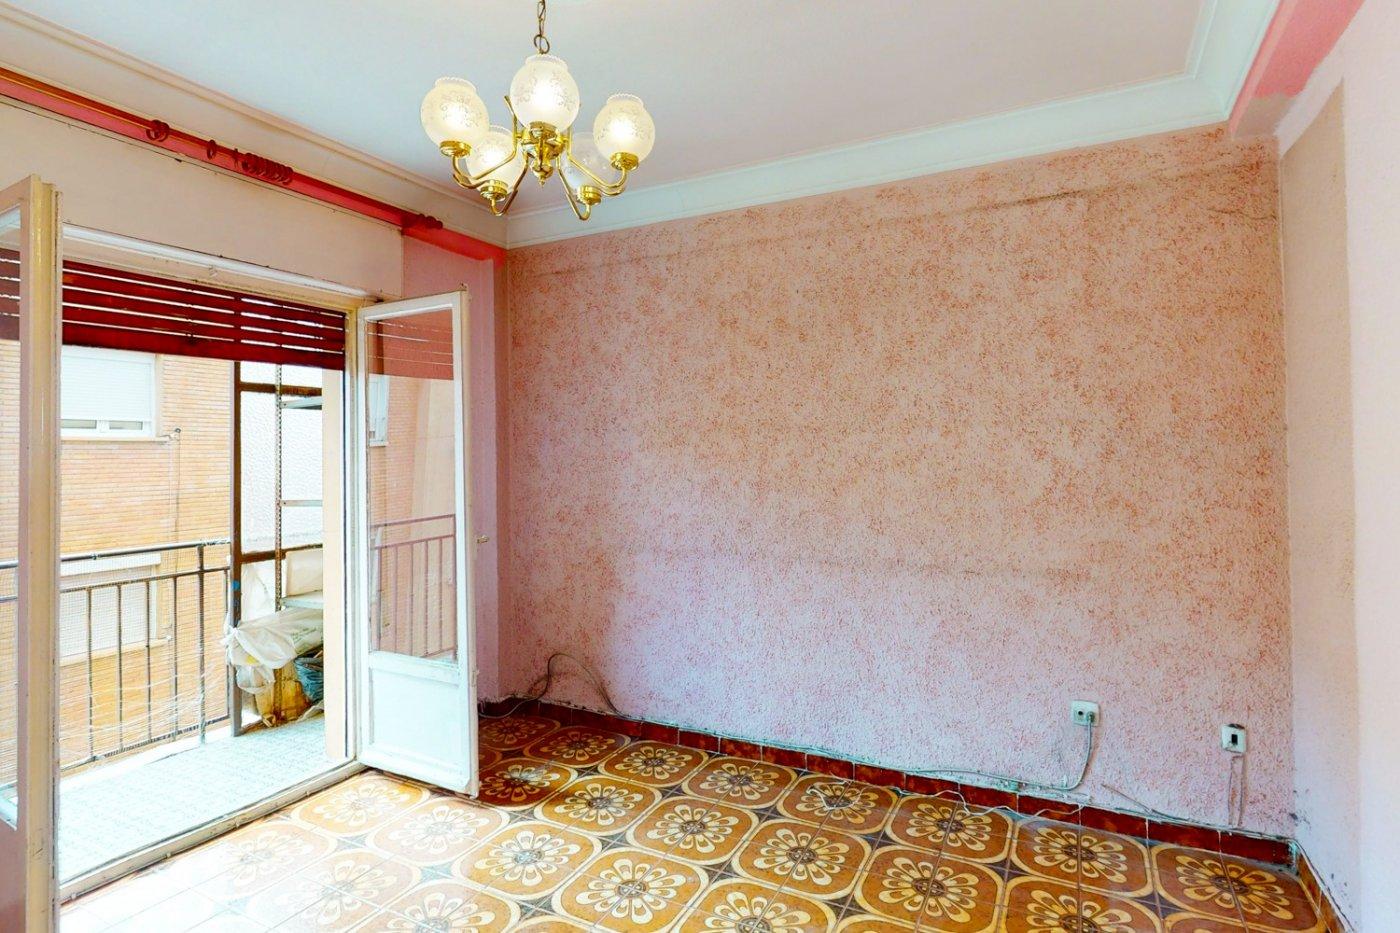 Piso a la venta en c/ lugo, exterior, de tres dormitorios, salon, cocina y baÑo. - imagenInmueble13